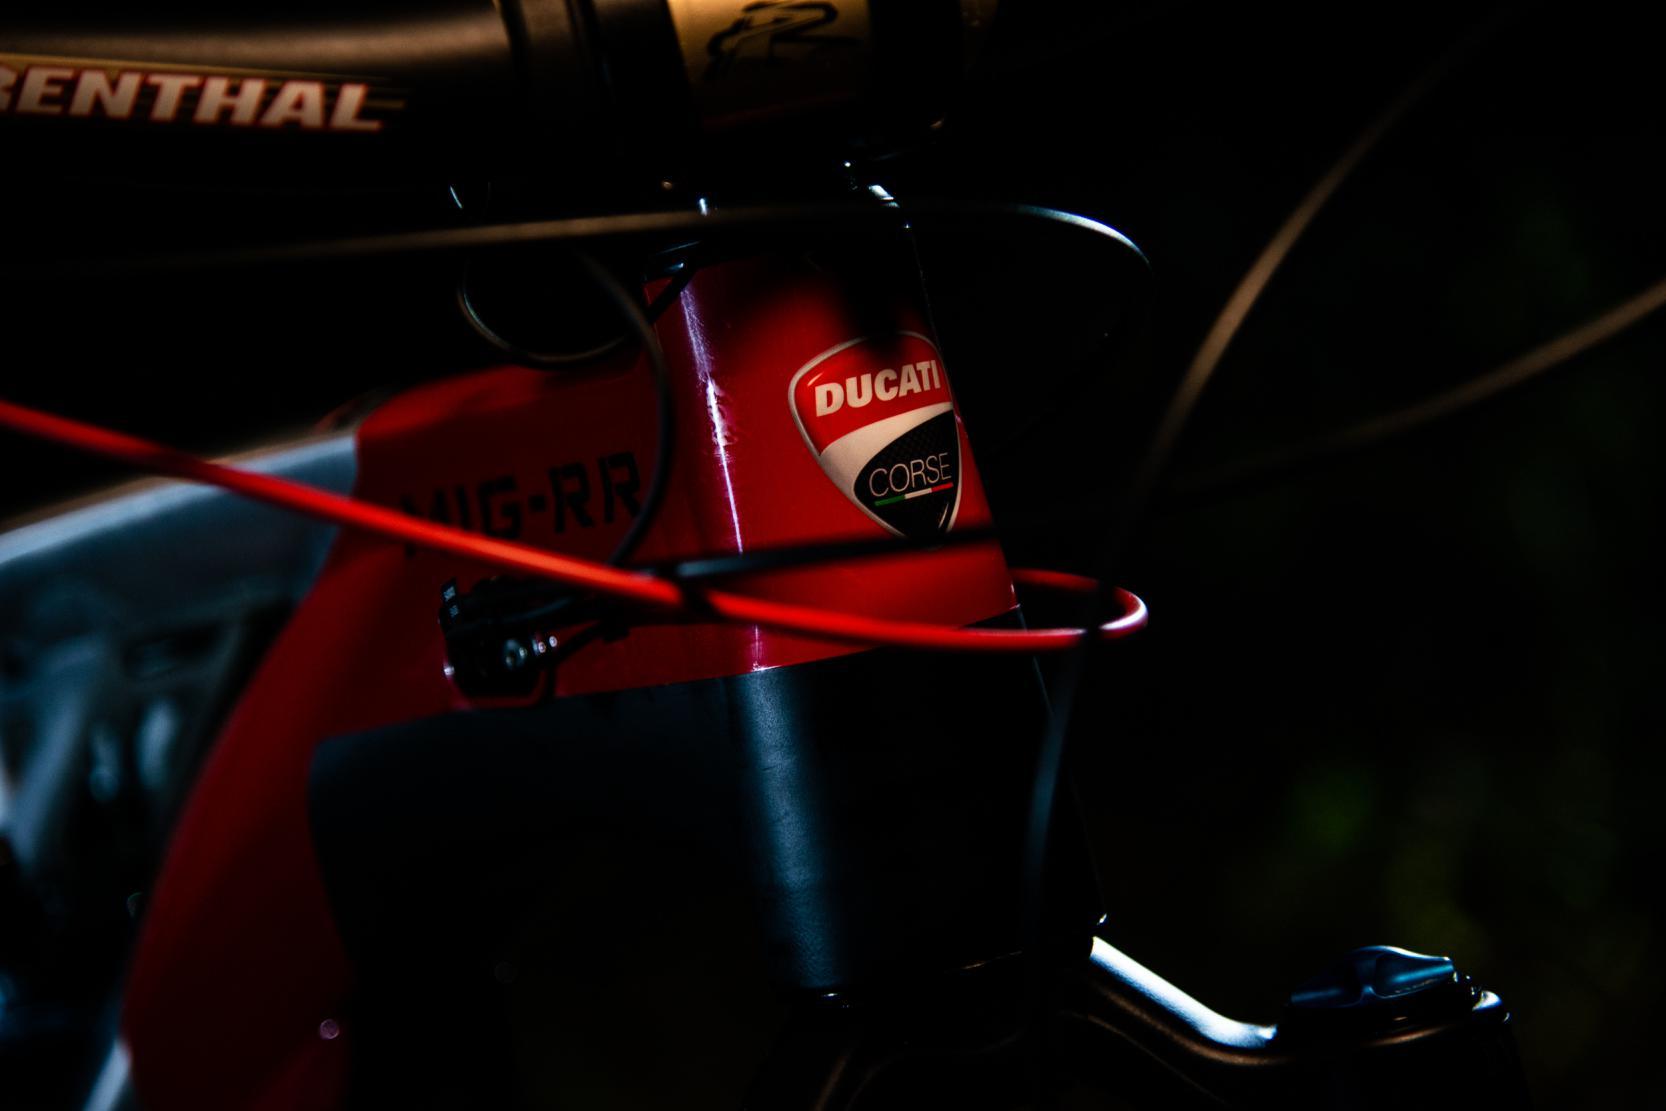 Das Steuerrohr trägt stolz das Ducati Corse Logo